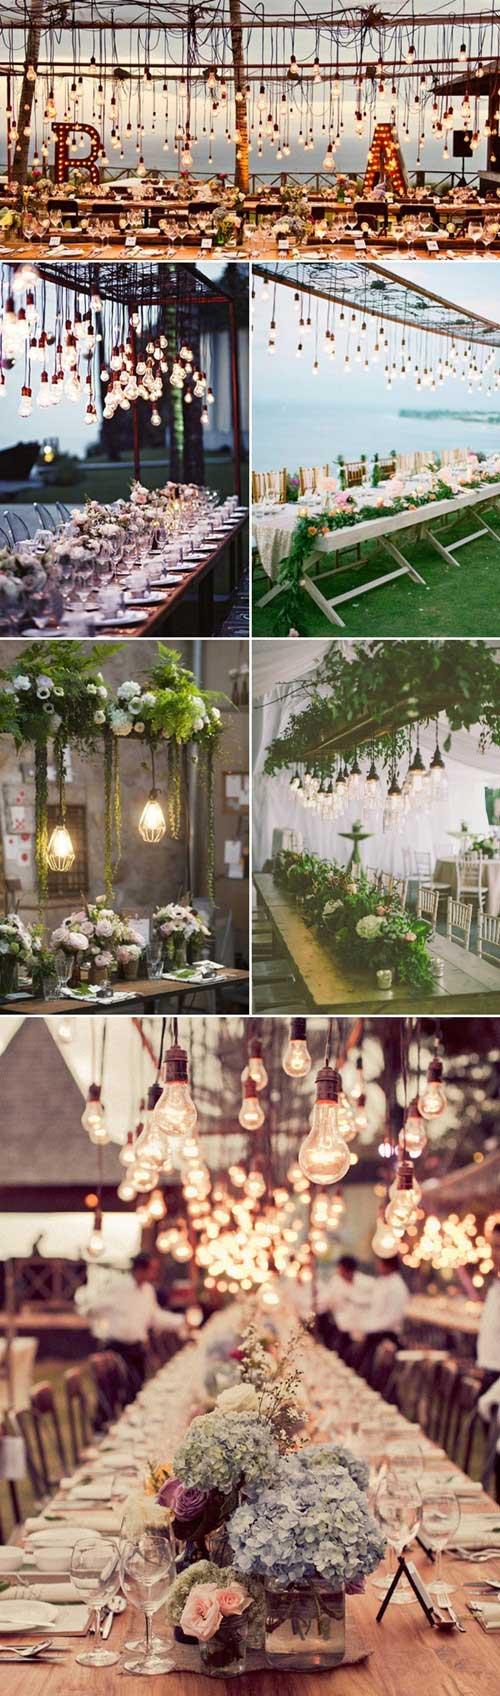 美丽浪漫的创意 27款悬吊式婚礼桌花